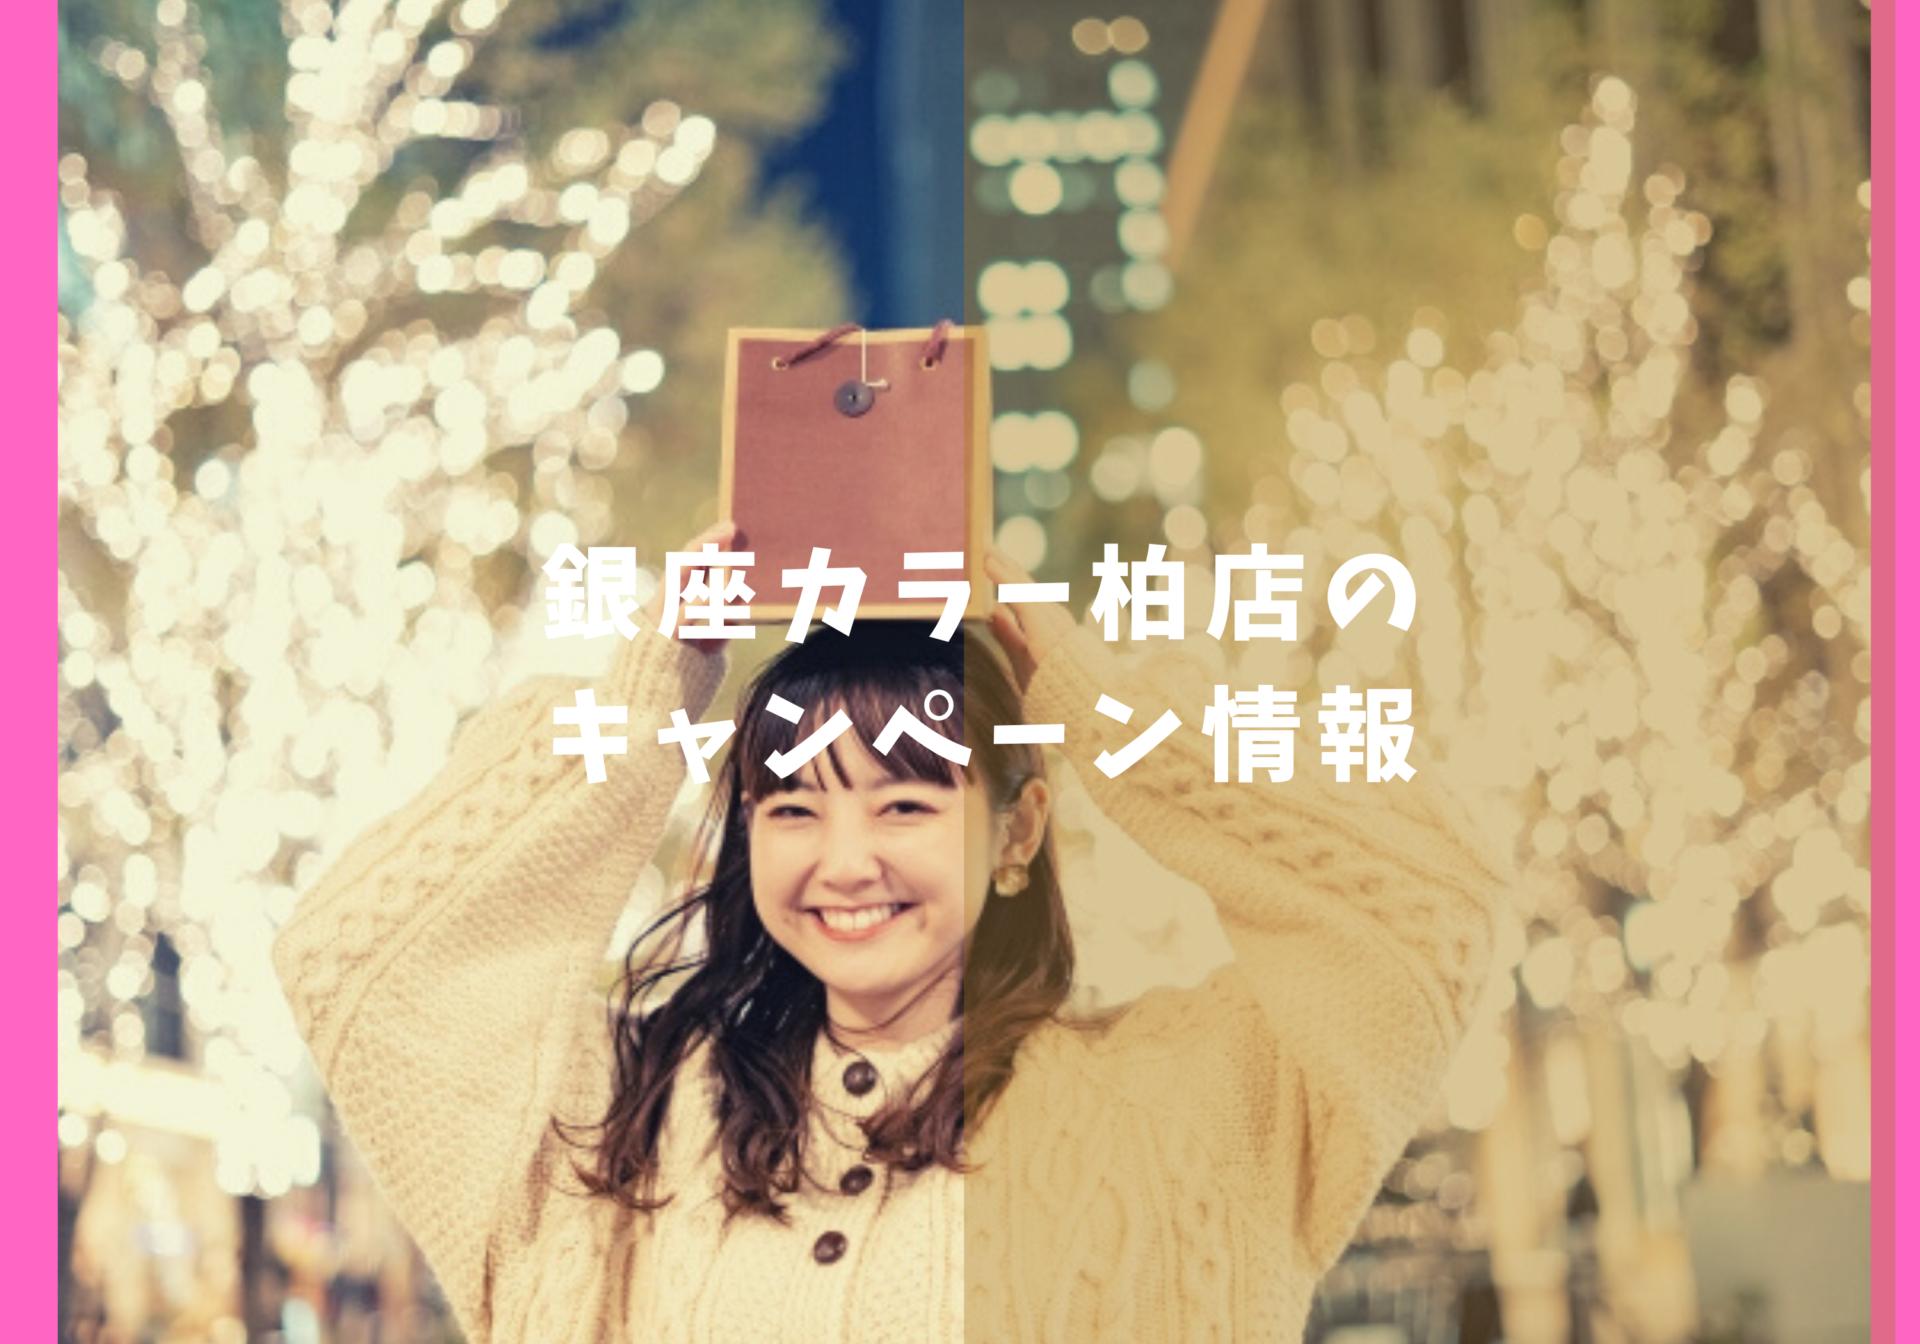 銀座カラー柏店キャンペーン情報